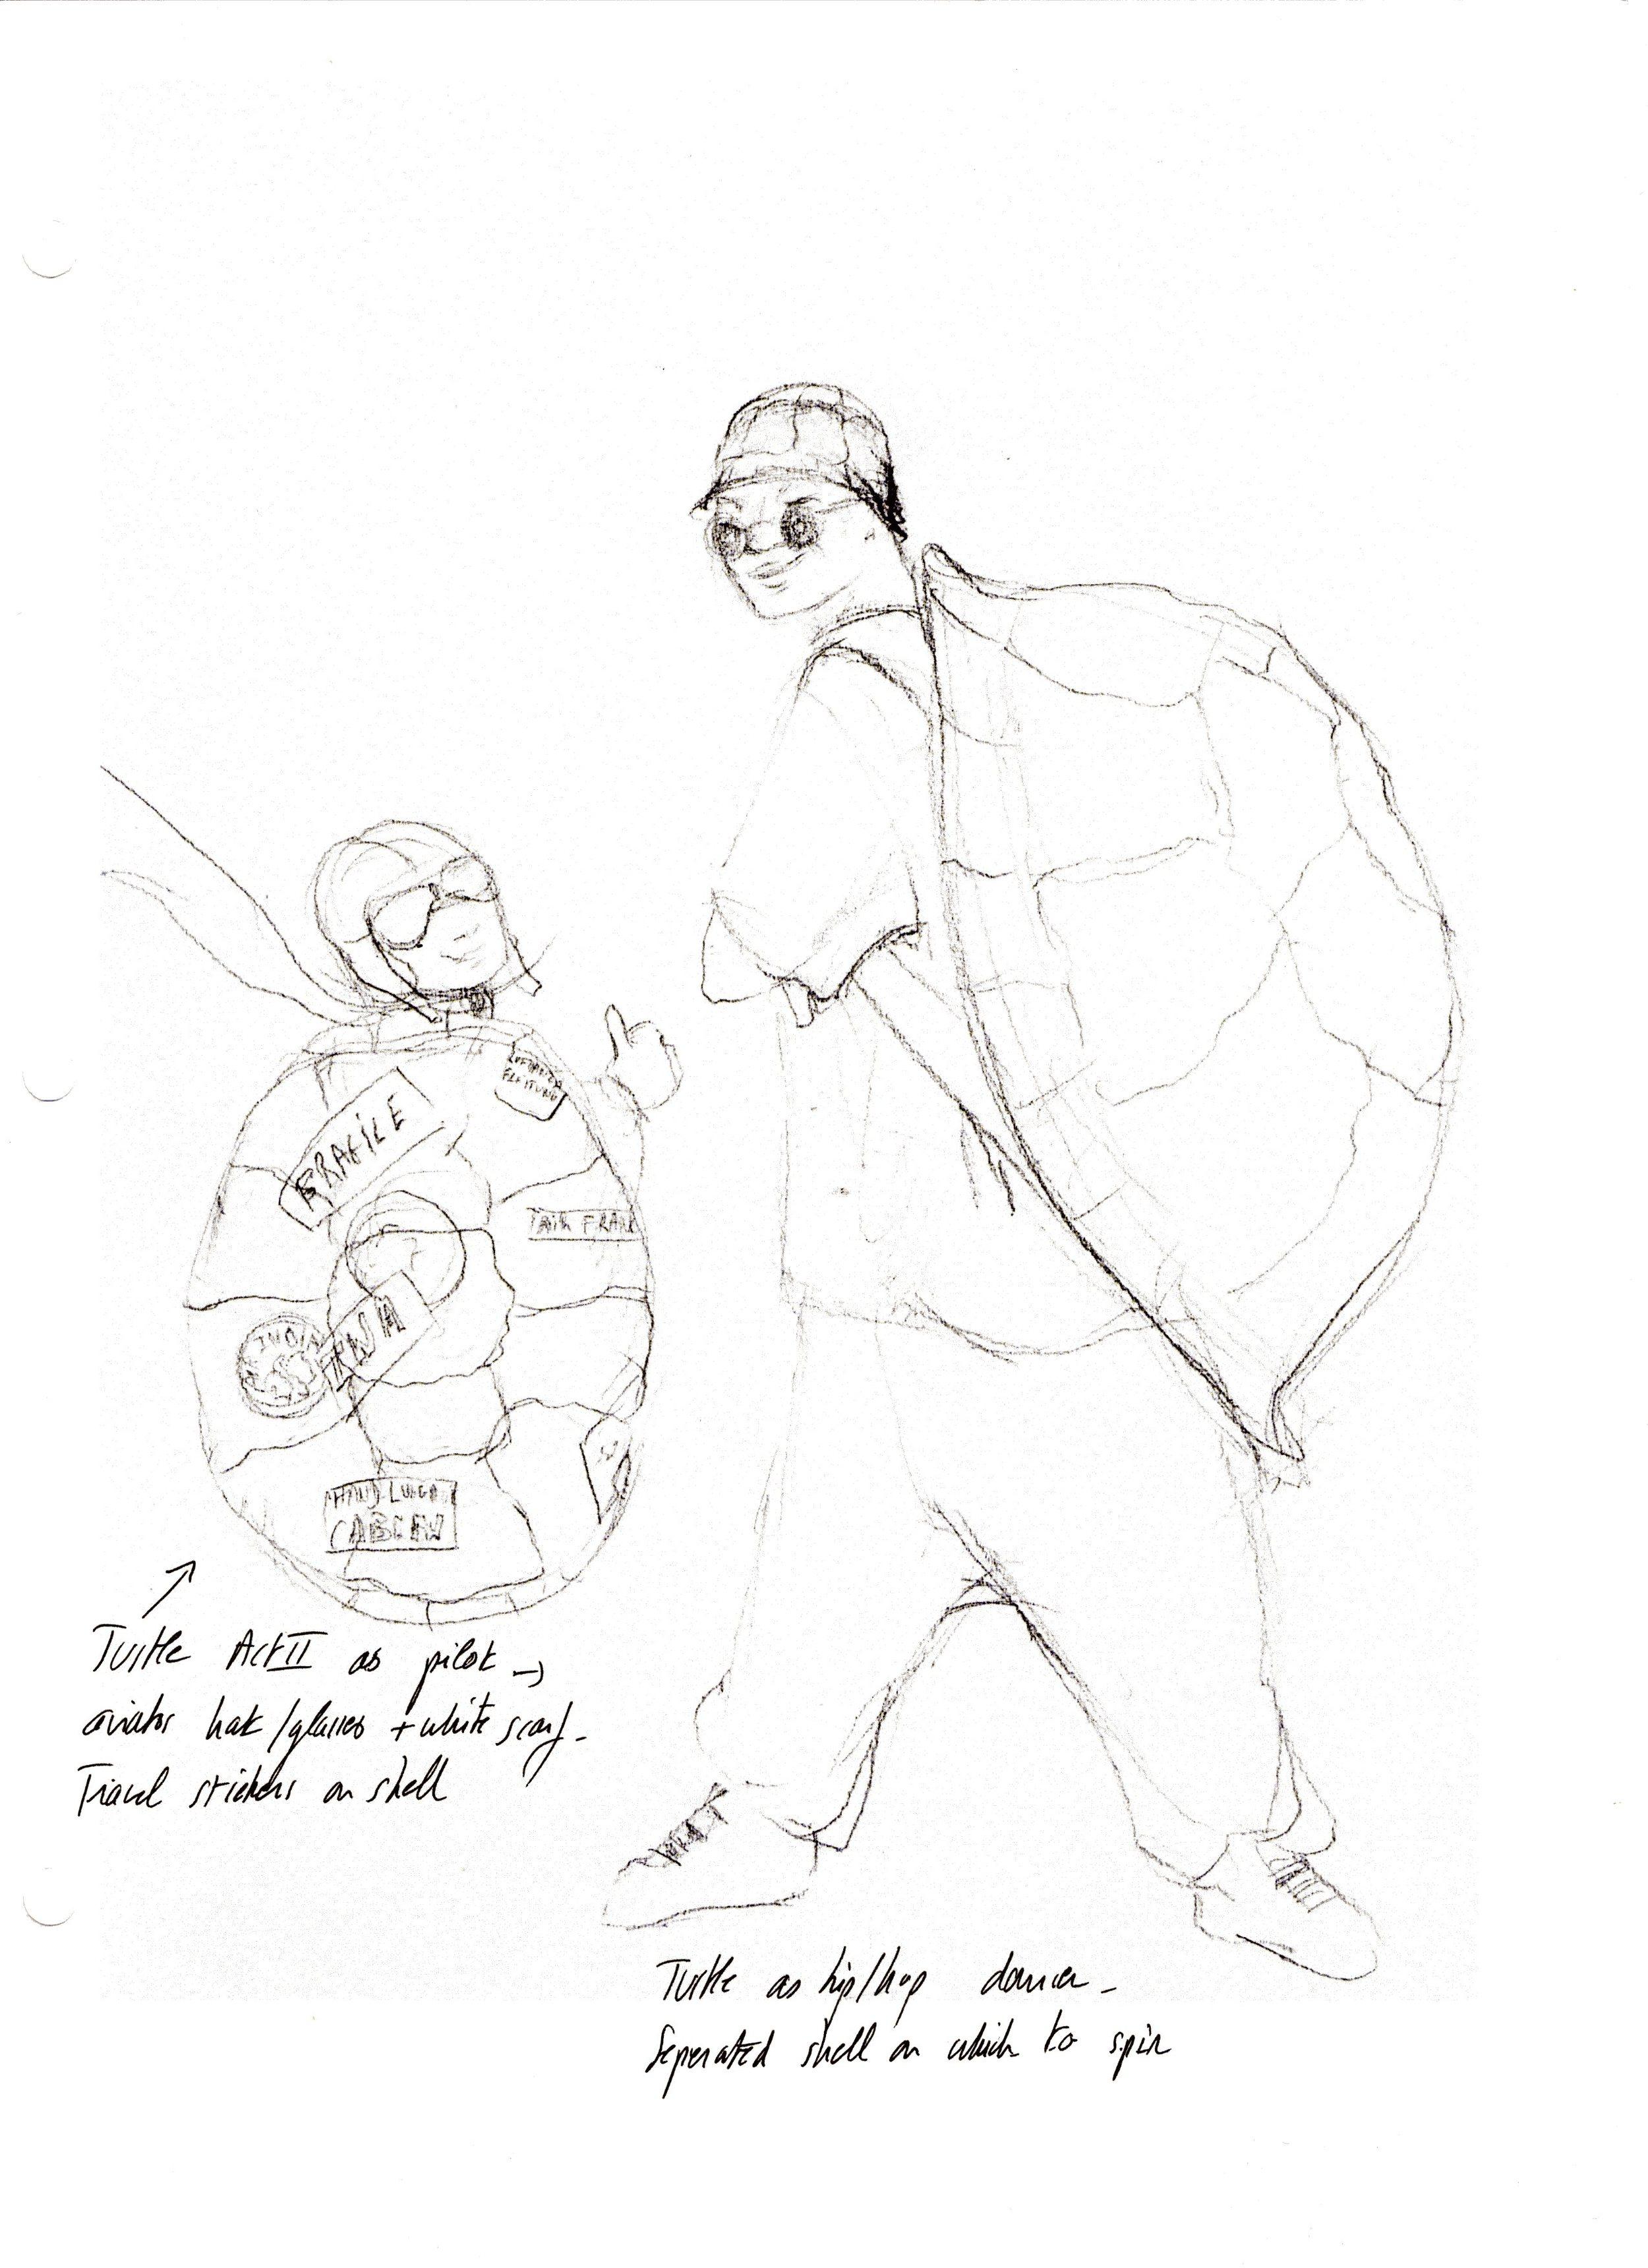 turtle act 1 sketch.jpg